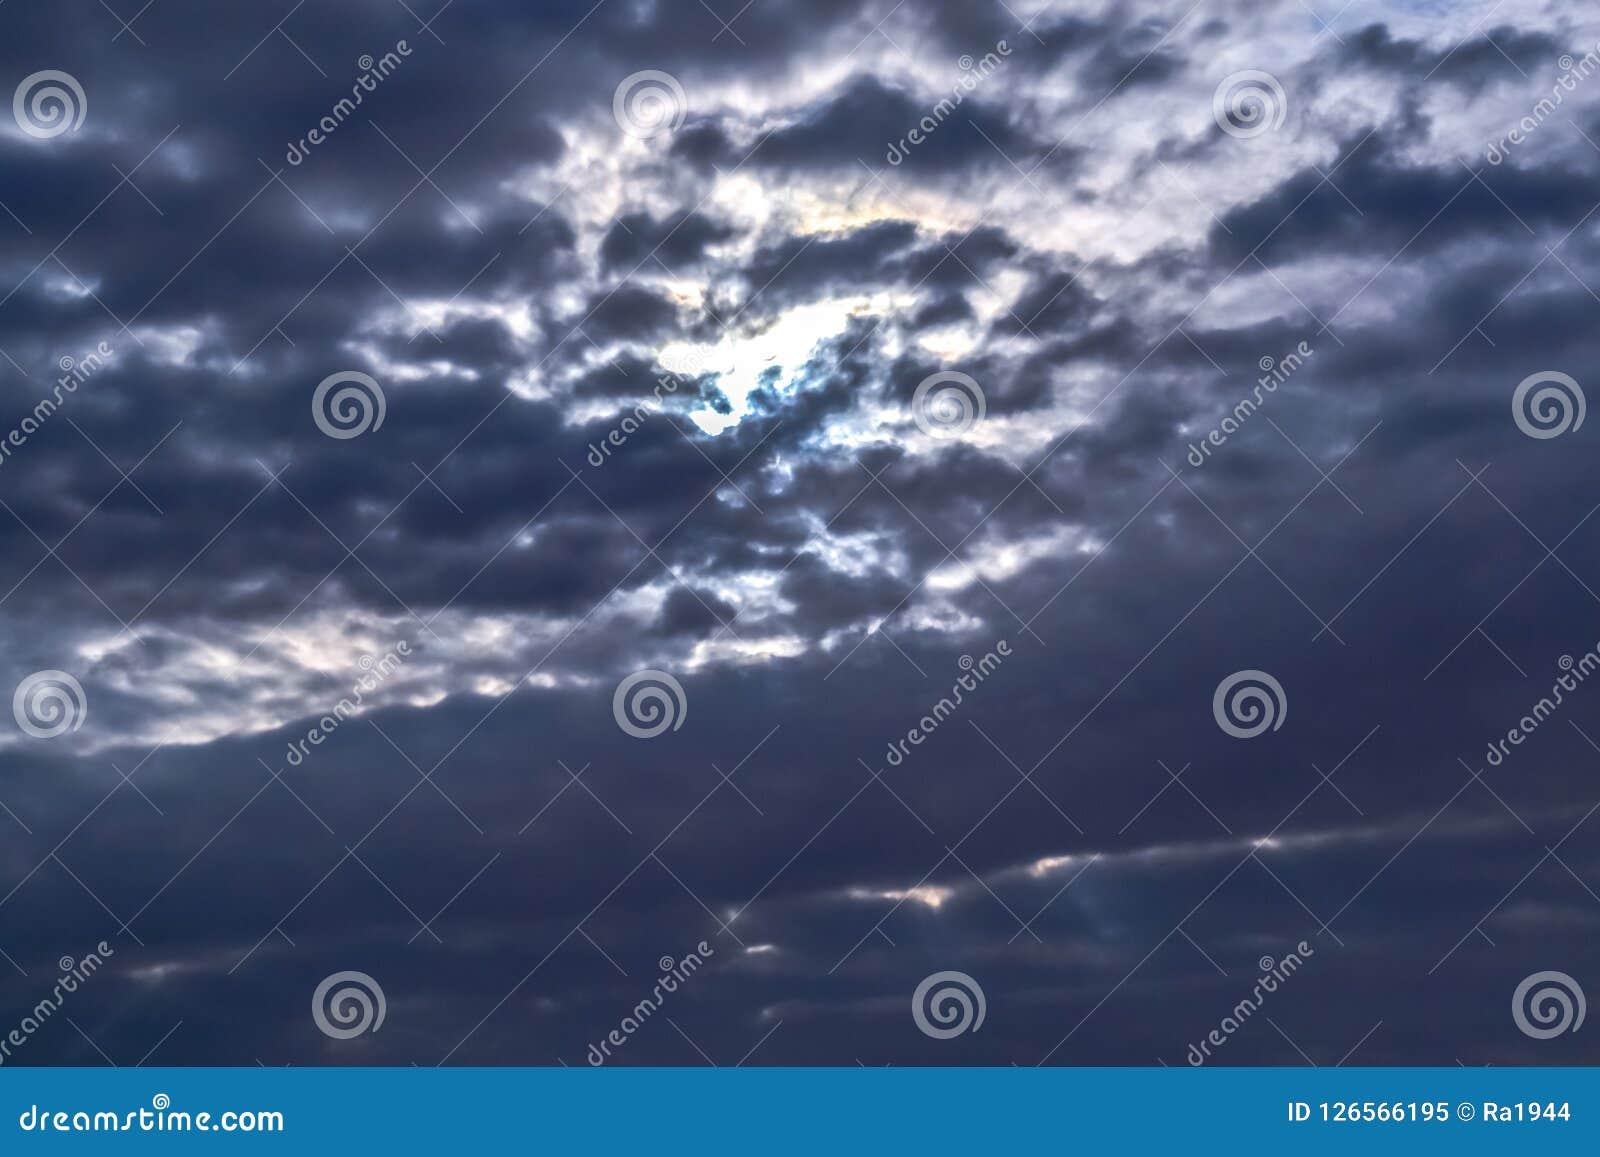 黑暗的暴风云有背景,在雷暴前的黑暗的云彩